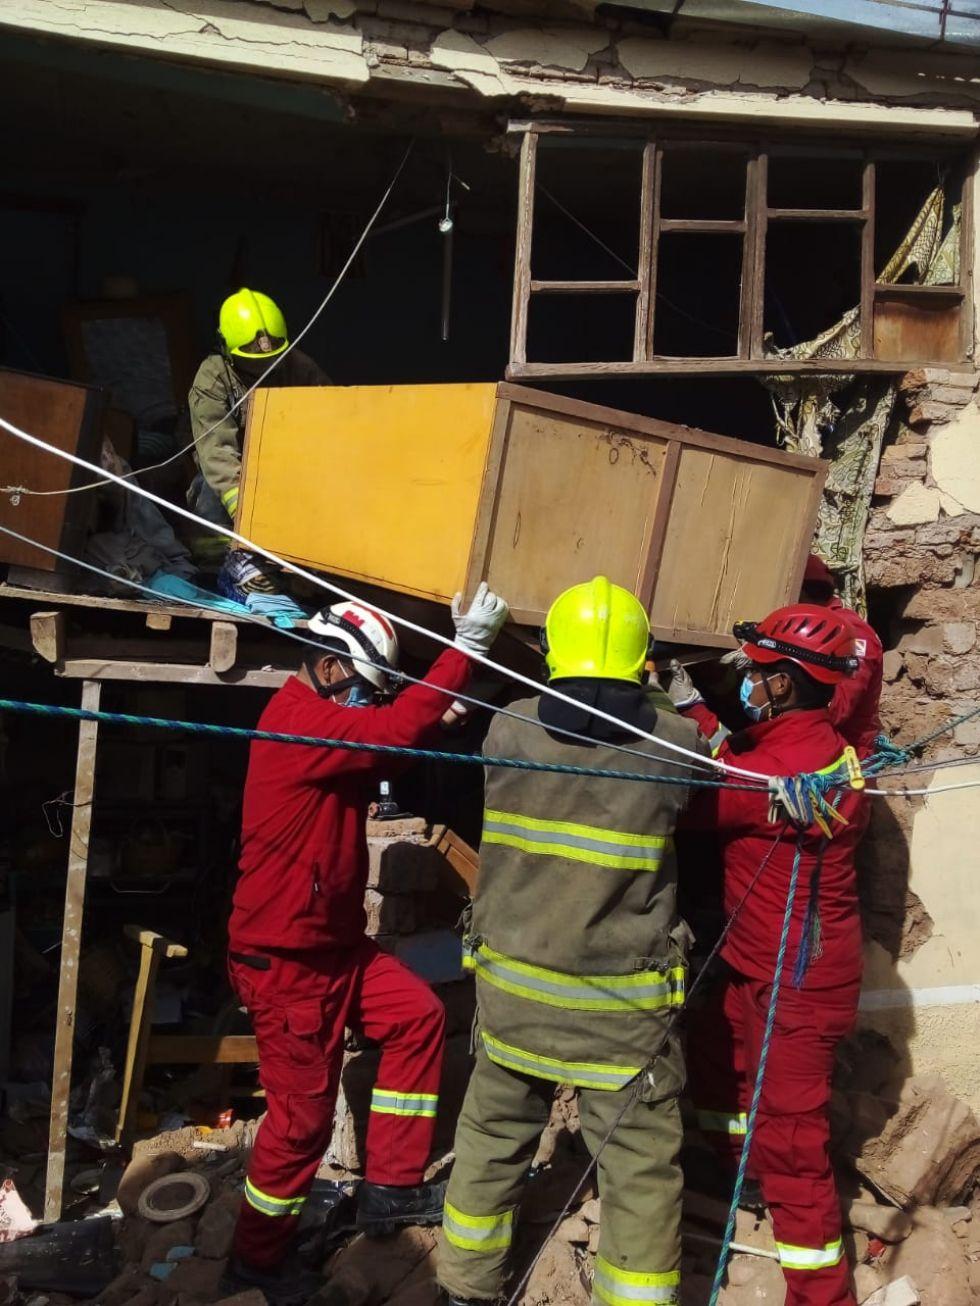 Los bomberos atendieron el hecho